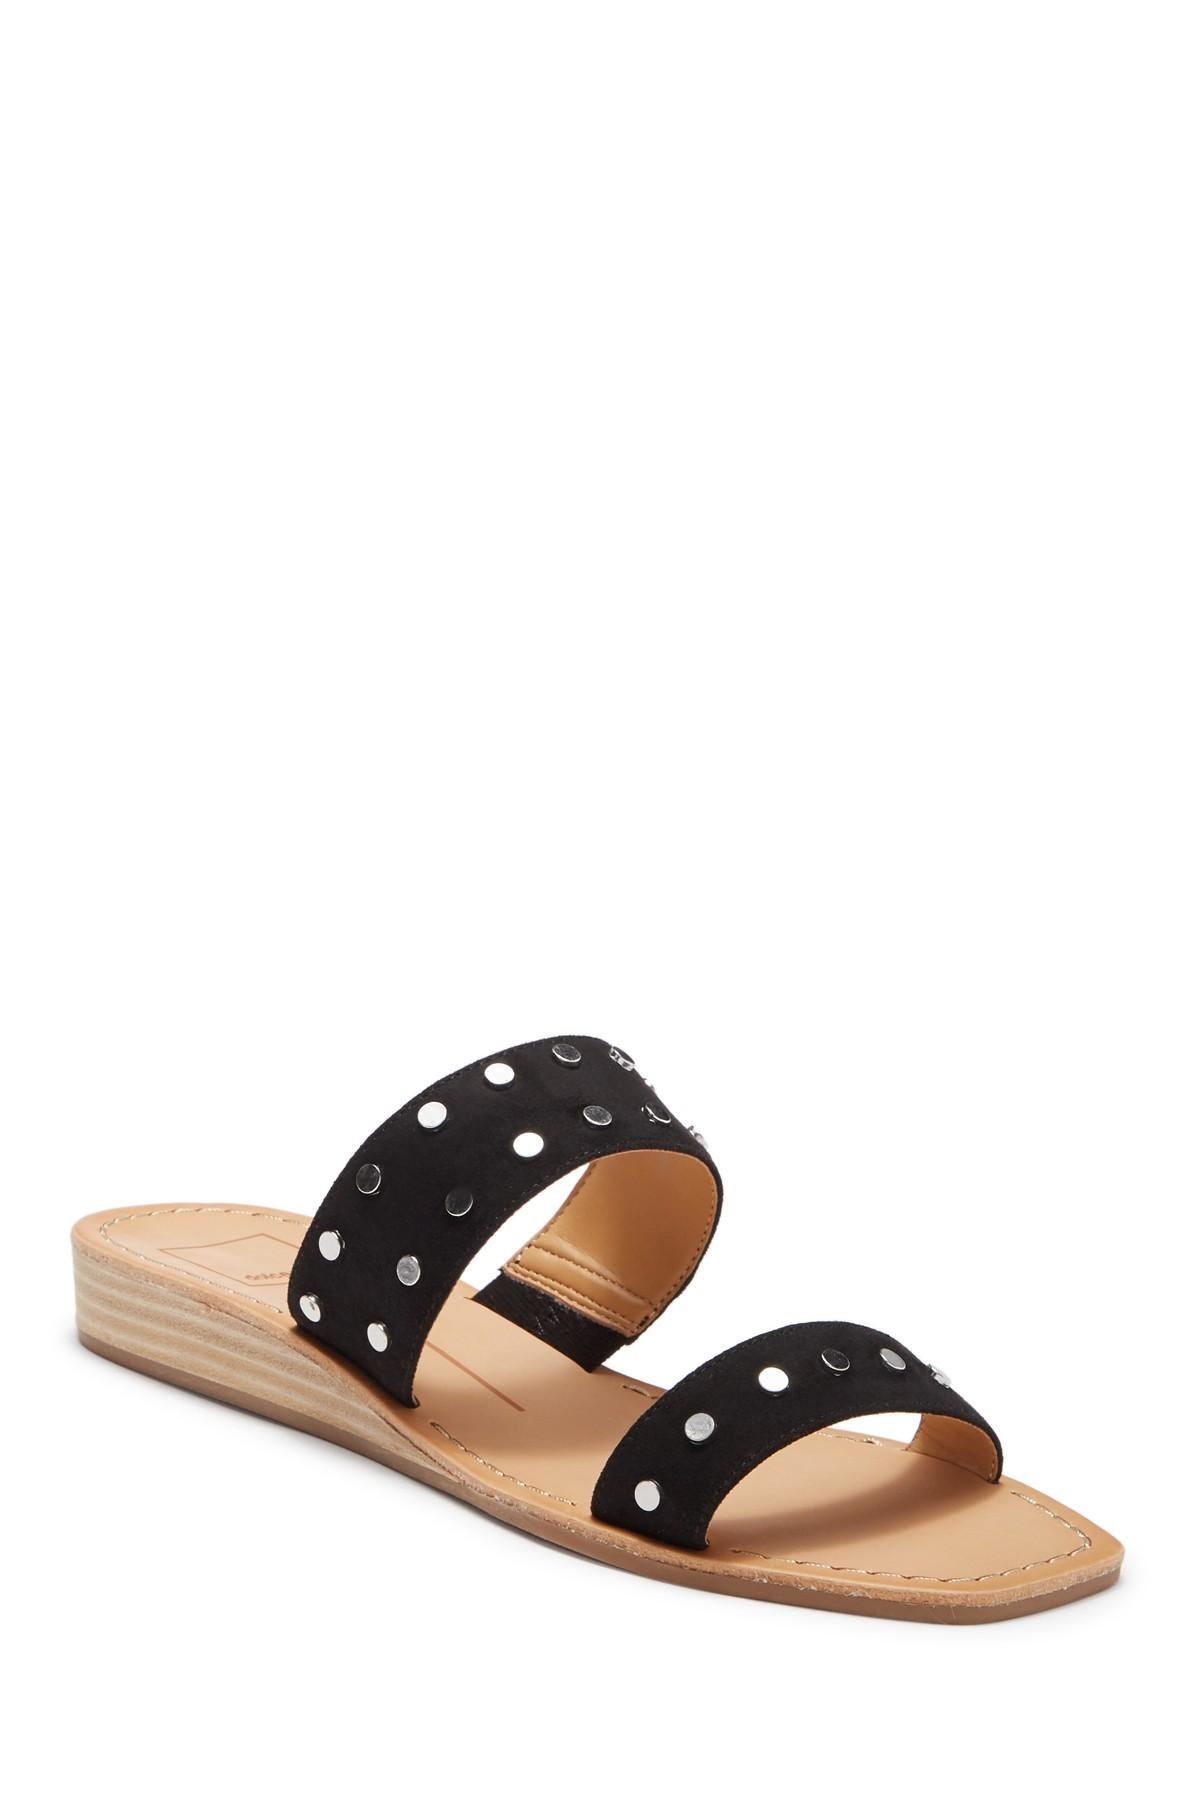 6592606e860 Dolce Vita. Women s Black Hikara Stud Wedge Sandal.  110  50 From Nordstrom  Rack